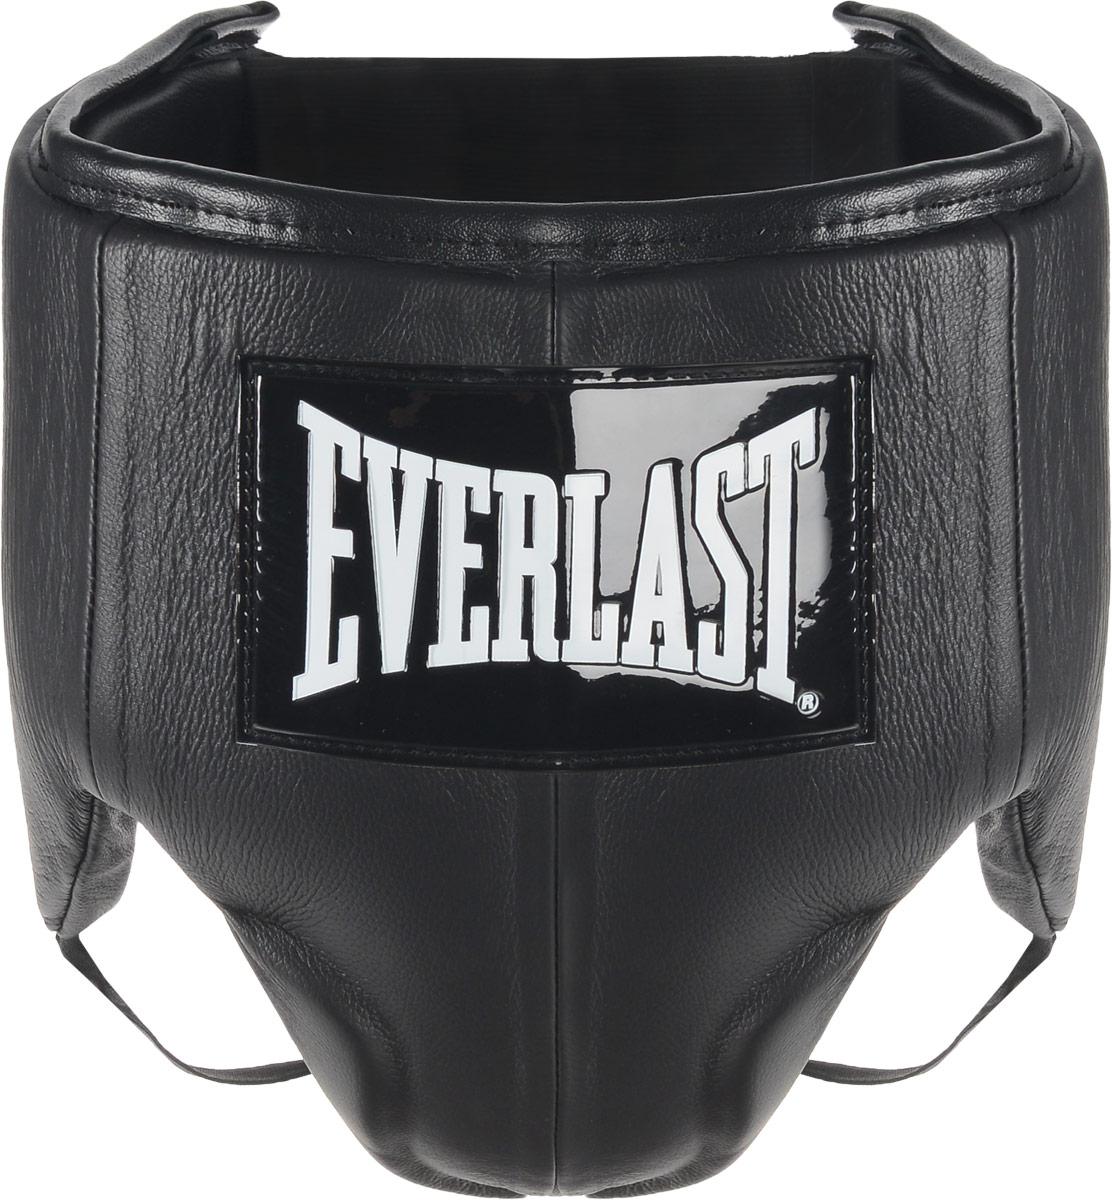 Защита паха мужская Everlast Velcro Top Pro, цвет: черный, белый. Размер MAIRWHEEL M3-162.8Everlast Velcro Top Pro это удобный обтягивающий бандаж, идеально подходящий как для тренировочных спаррингов, так и для боя на ринге. Бандаж изготовлен из высококачественной натуральной кожи, а подкладка набита пенным наполнителем высокой плотности, благодаря чему достигается превосходная амортизация ударов. Усовершенствованный облегченный дизайн обеспечивает максимальную подвижность и комфорт, в то же время гарантируя безопасность и полную защиту паха и тазовой области. Удобные застежки на липучке позволят подогнать защиту под ваш размер и плотно зафиксировать ее на теле. Максимальный обхват: 103 см.Минимальный обхват: 93 см.